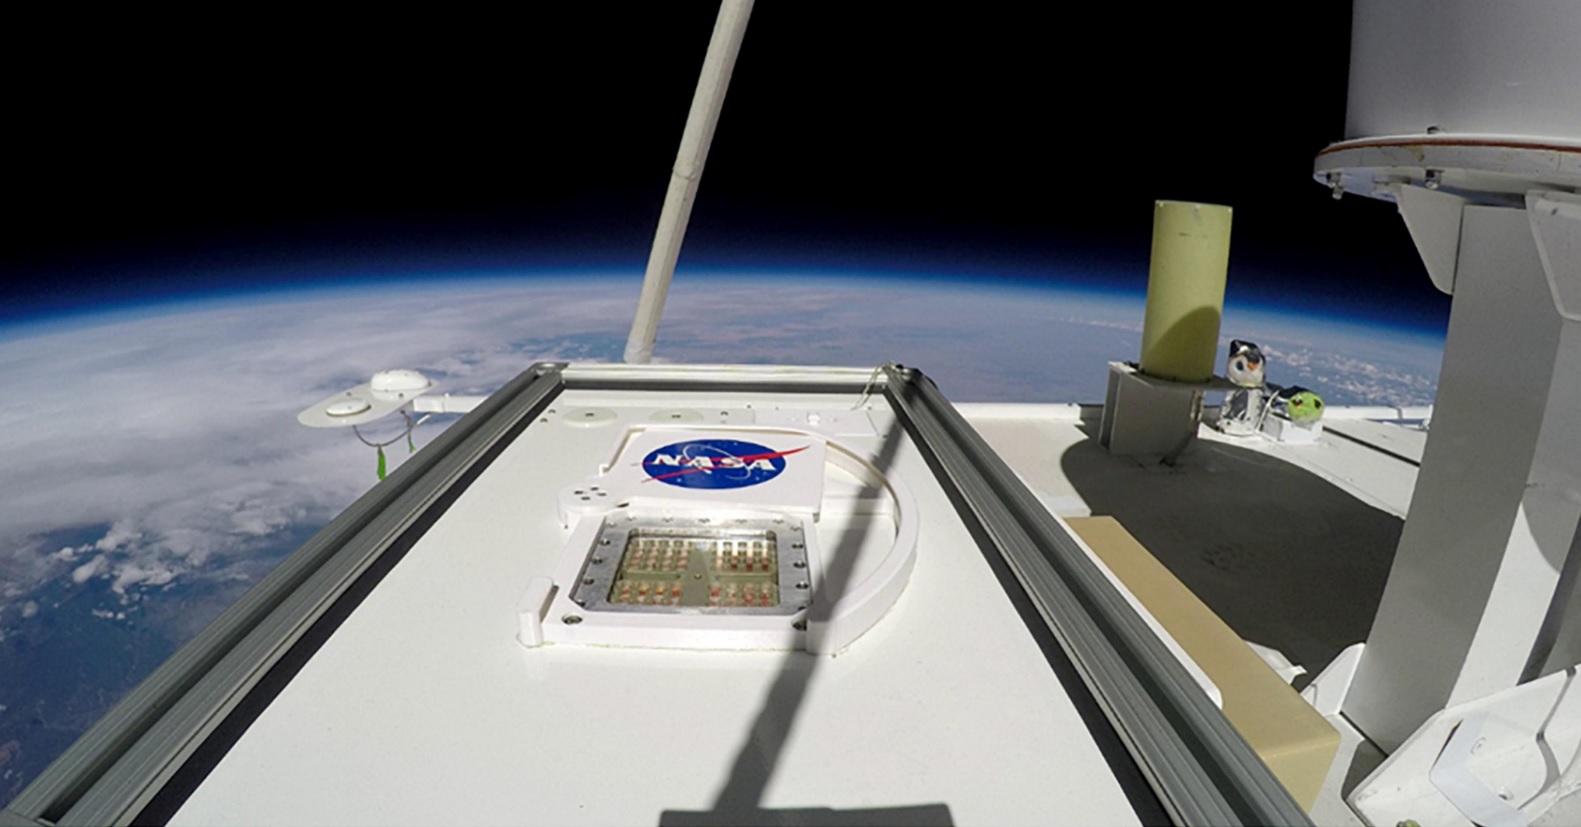 Земные микробы и грибы способны выжить на Марсе. Исследование